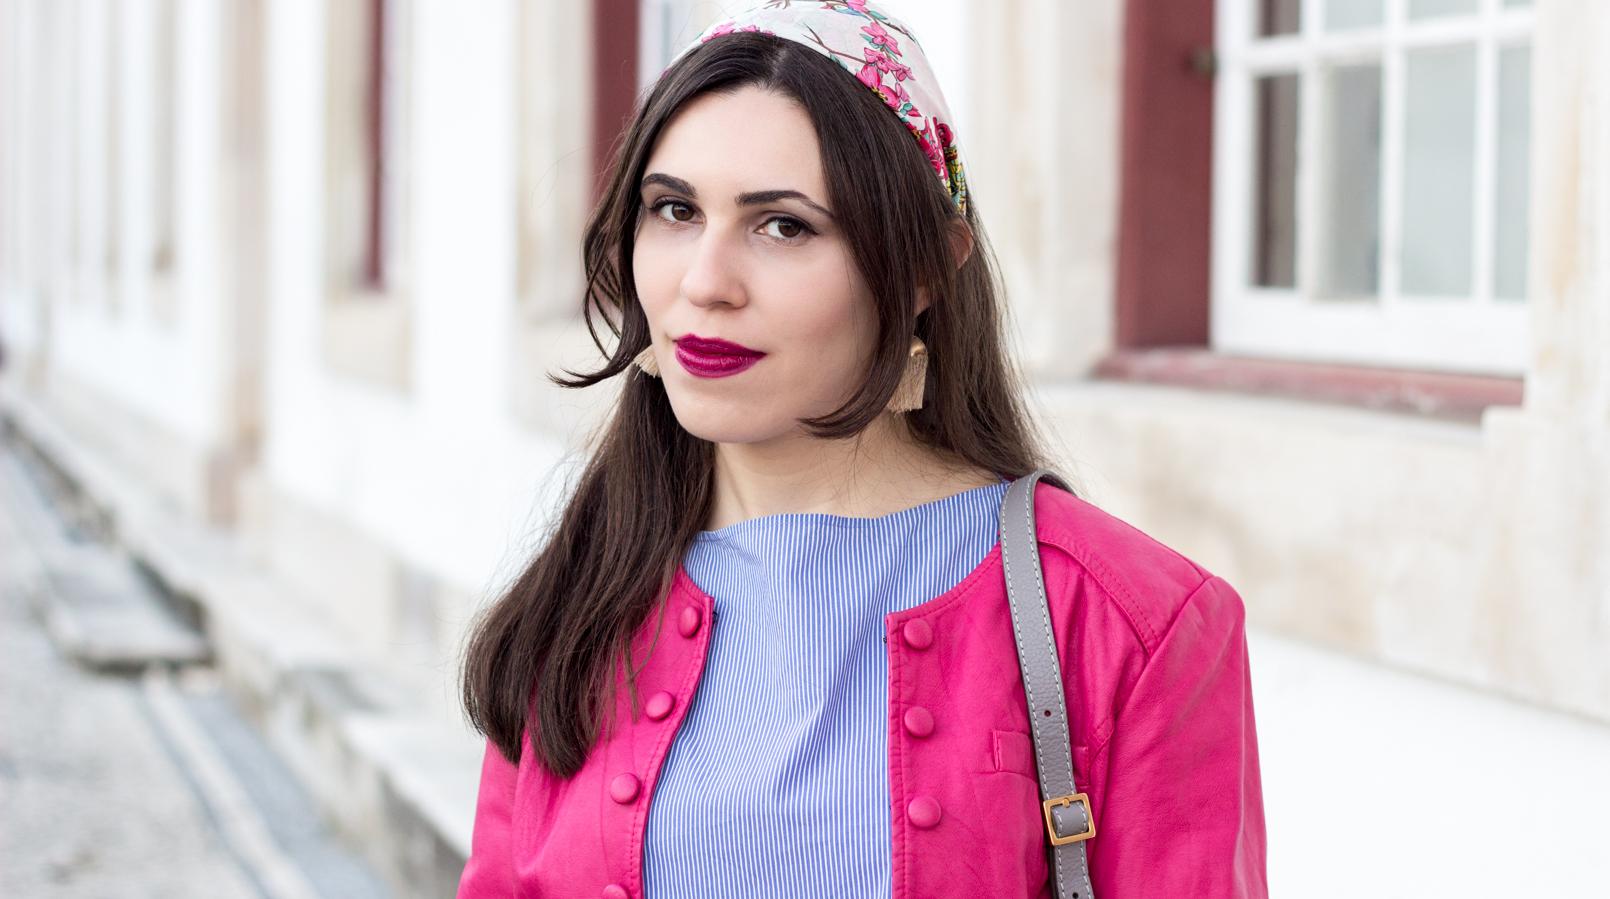 Le Fashionaire As pessoas que nos movem moda inspiracao lenco seda passaros primavera accessorize blusao rosa choque botoes antigo camisa azul riscas finas verticais brancas zara 9516F PT